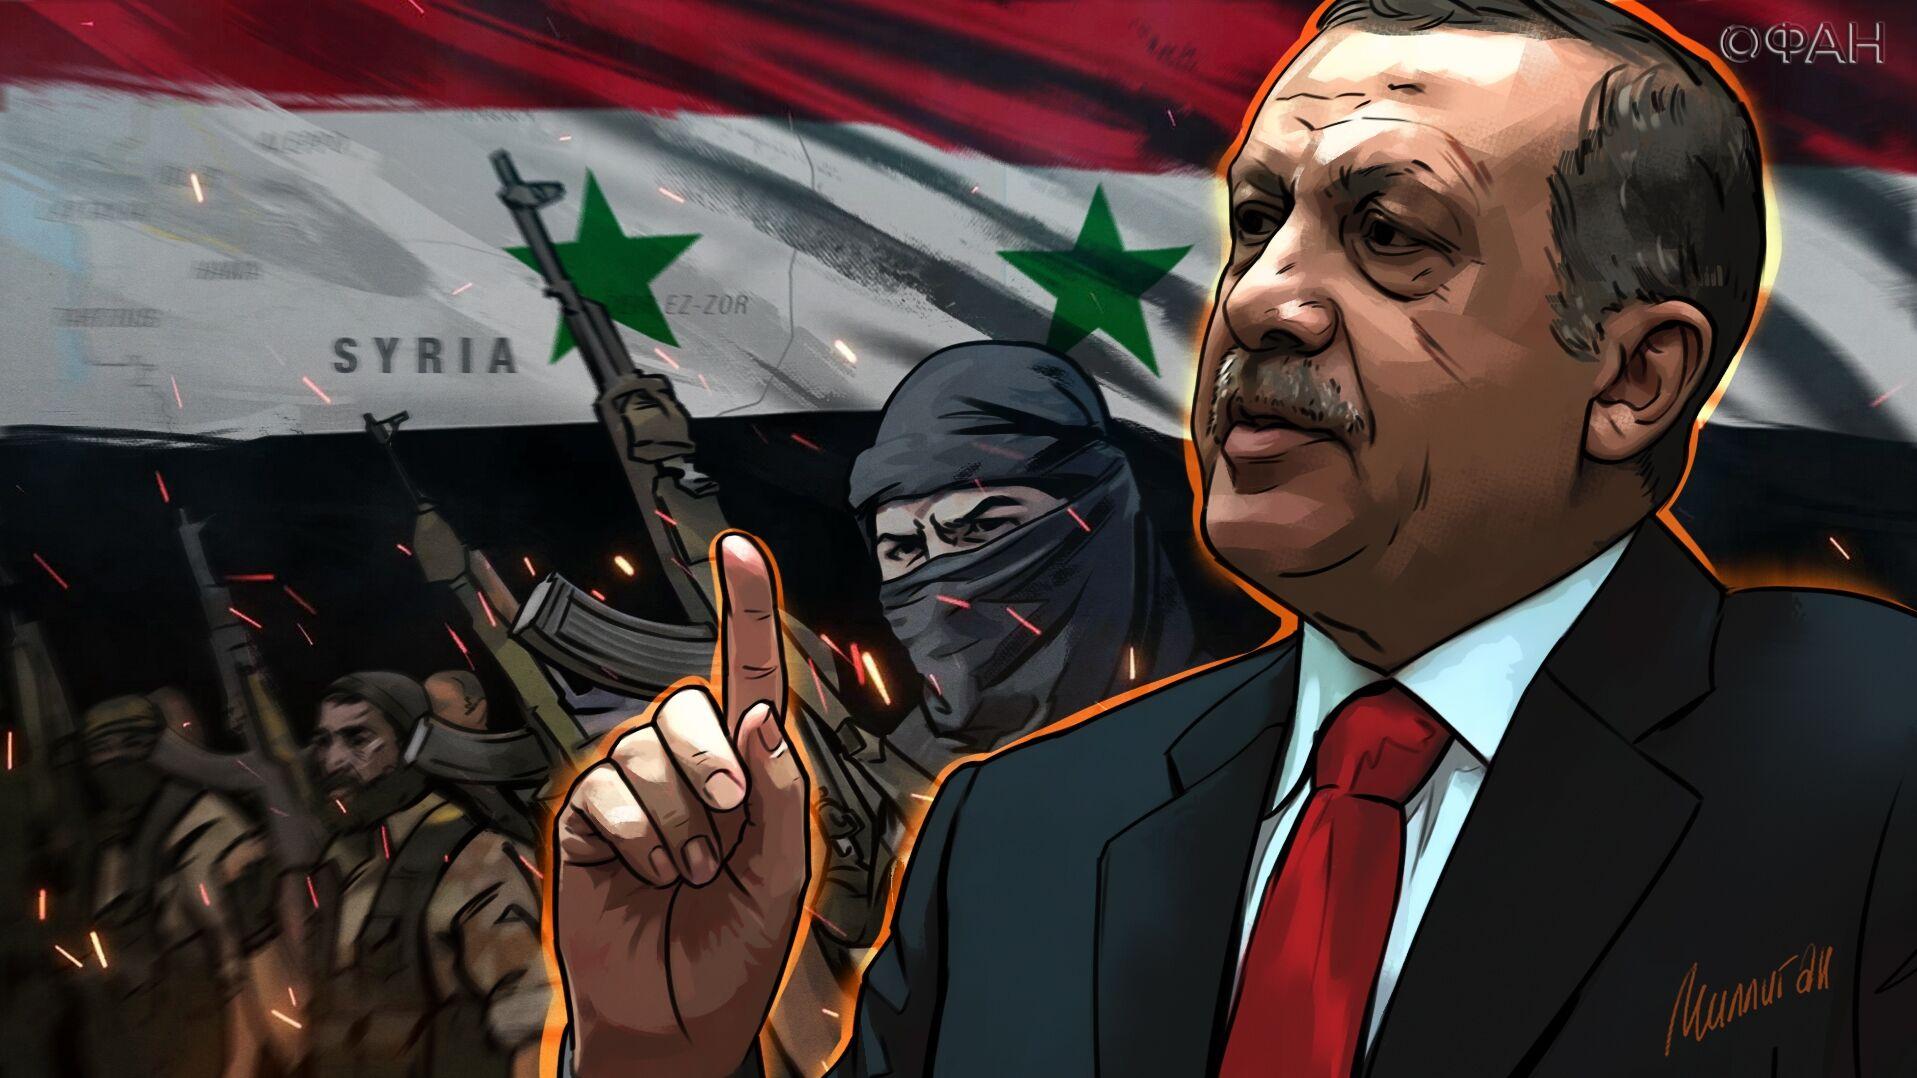 Последние новости Сирии. Сегодня 10 апреля 2020 сирия